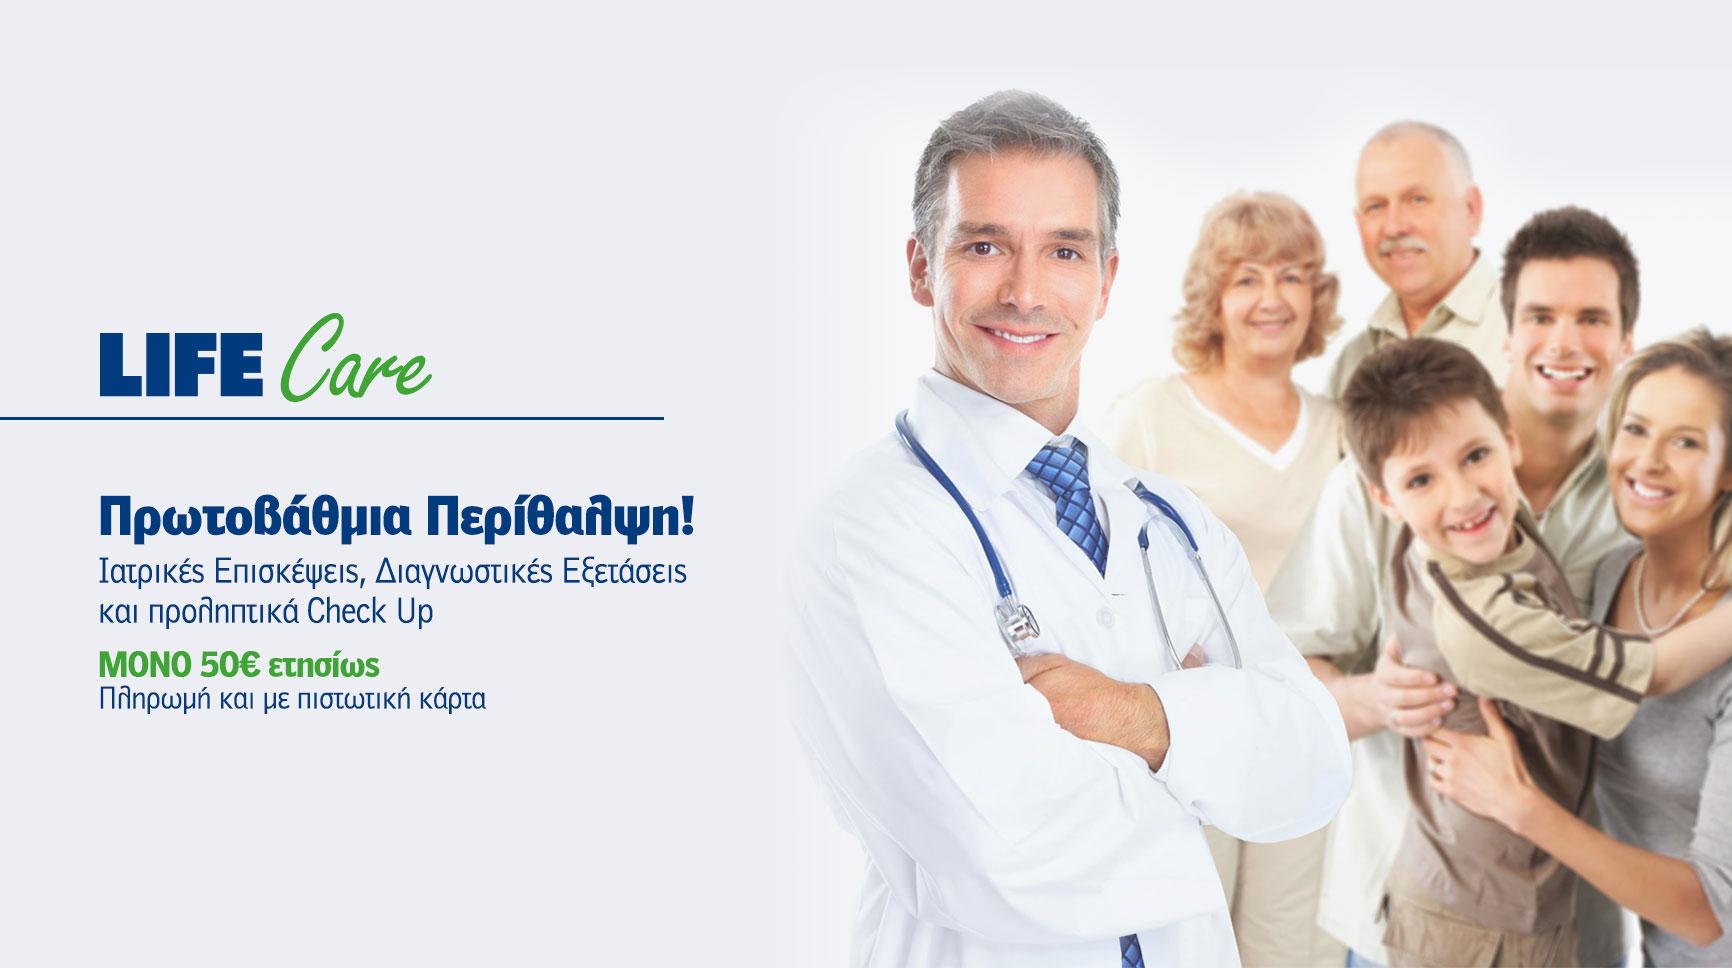 Ιατρικές επισκέψεις, Διαγνωστικές εξετάσεις, Check Up